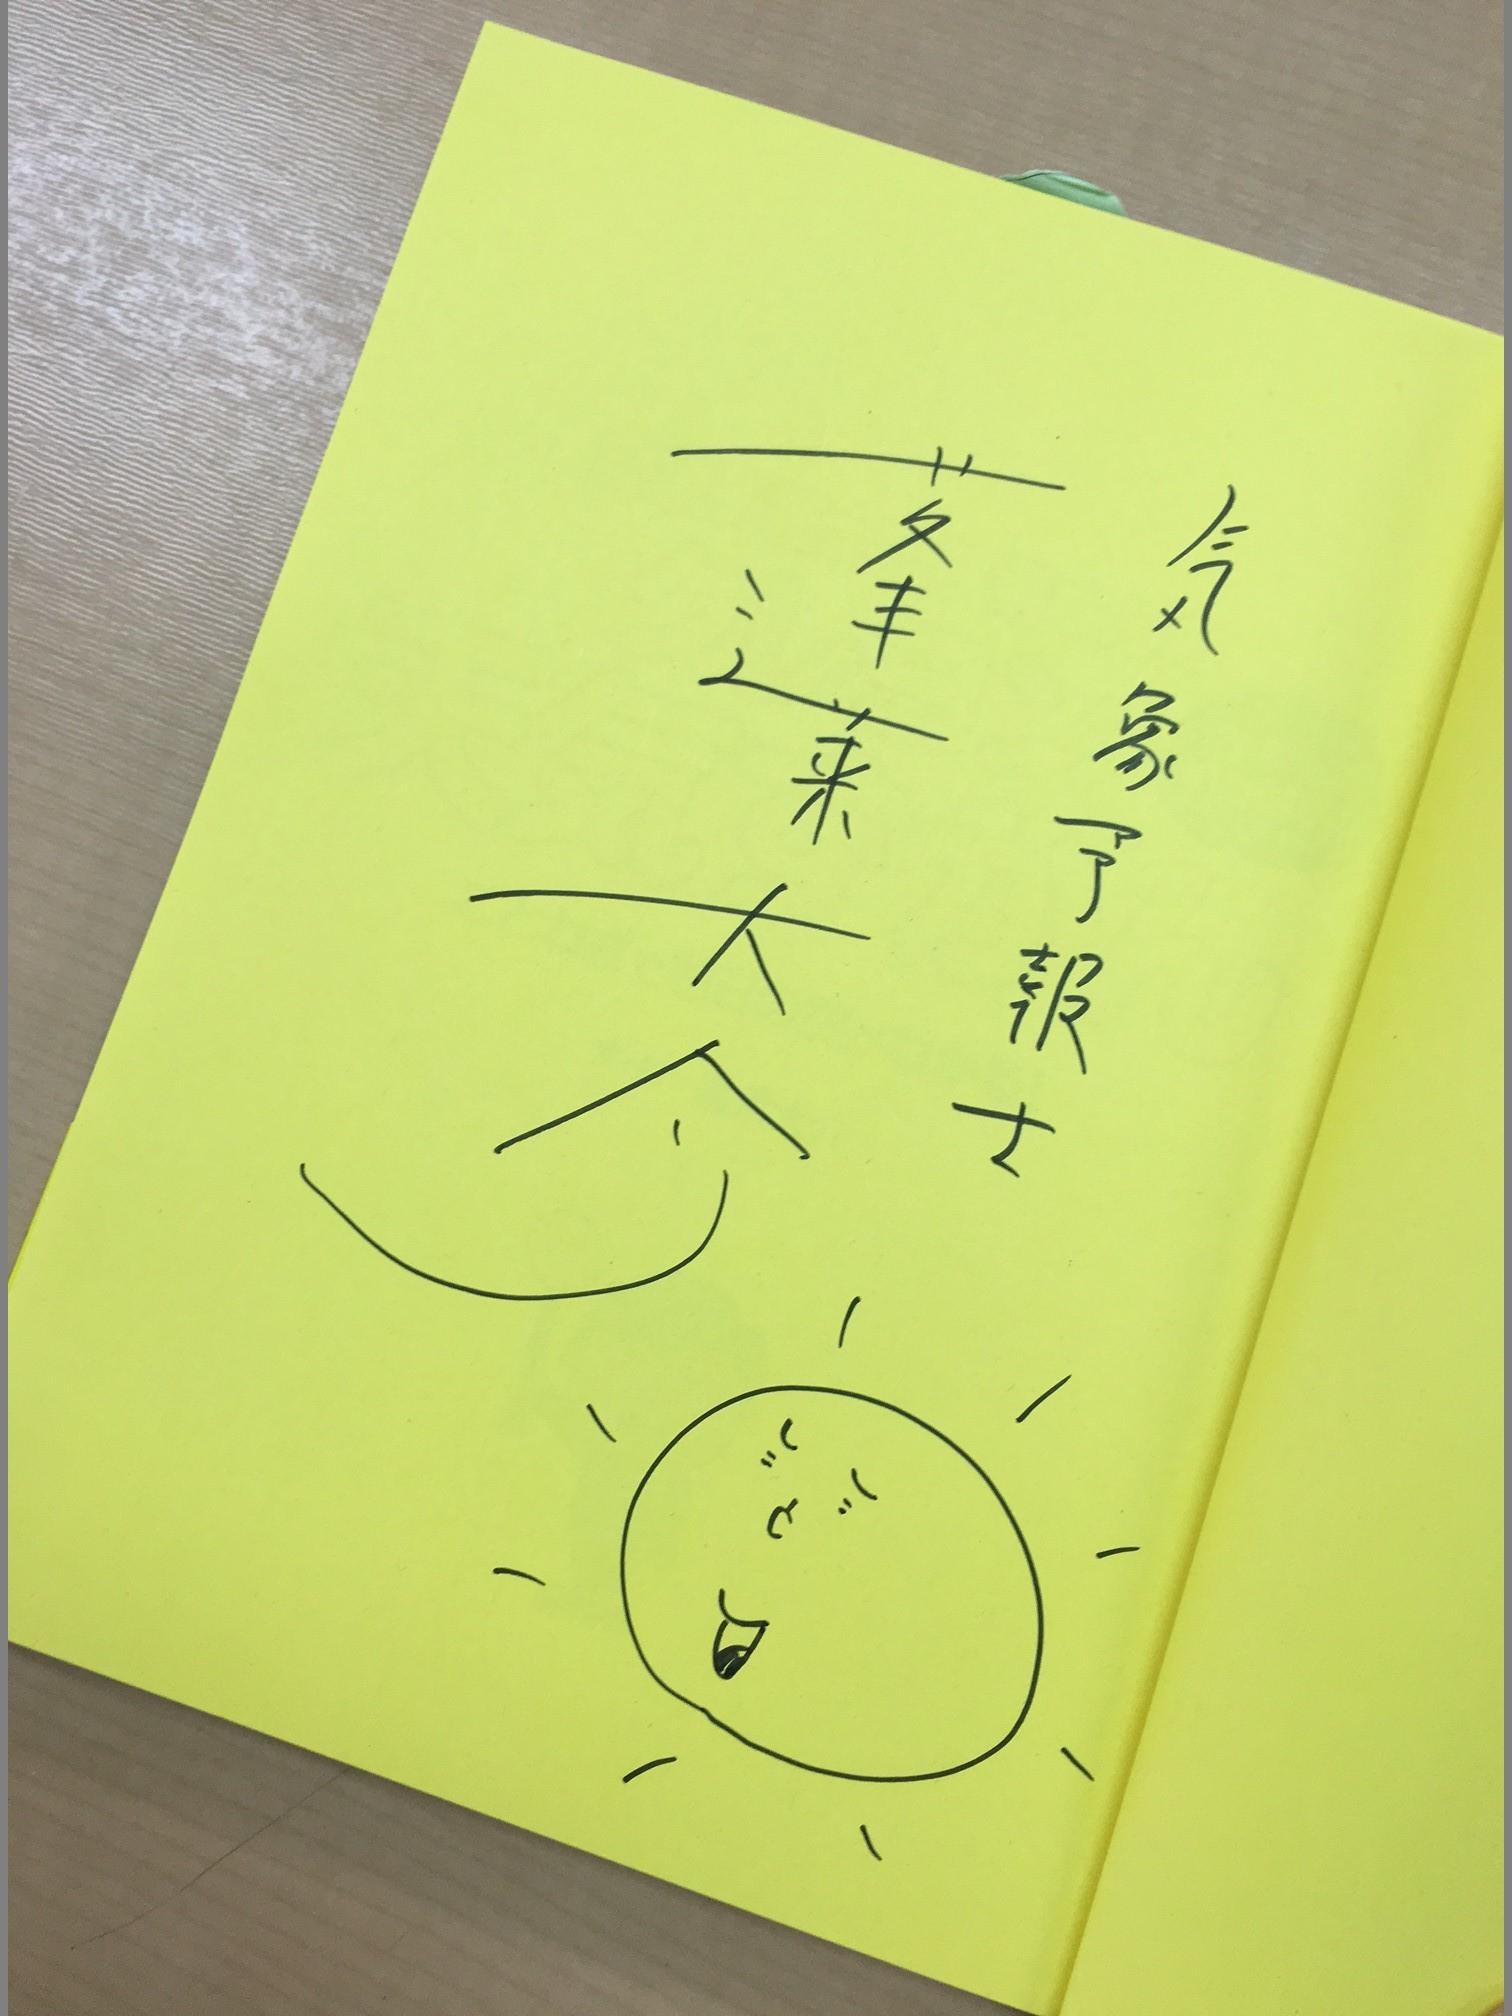 気象予報士・蓬莱大介氏 サイン本